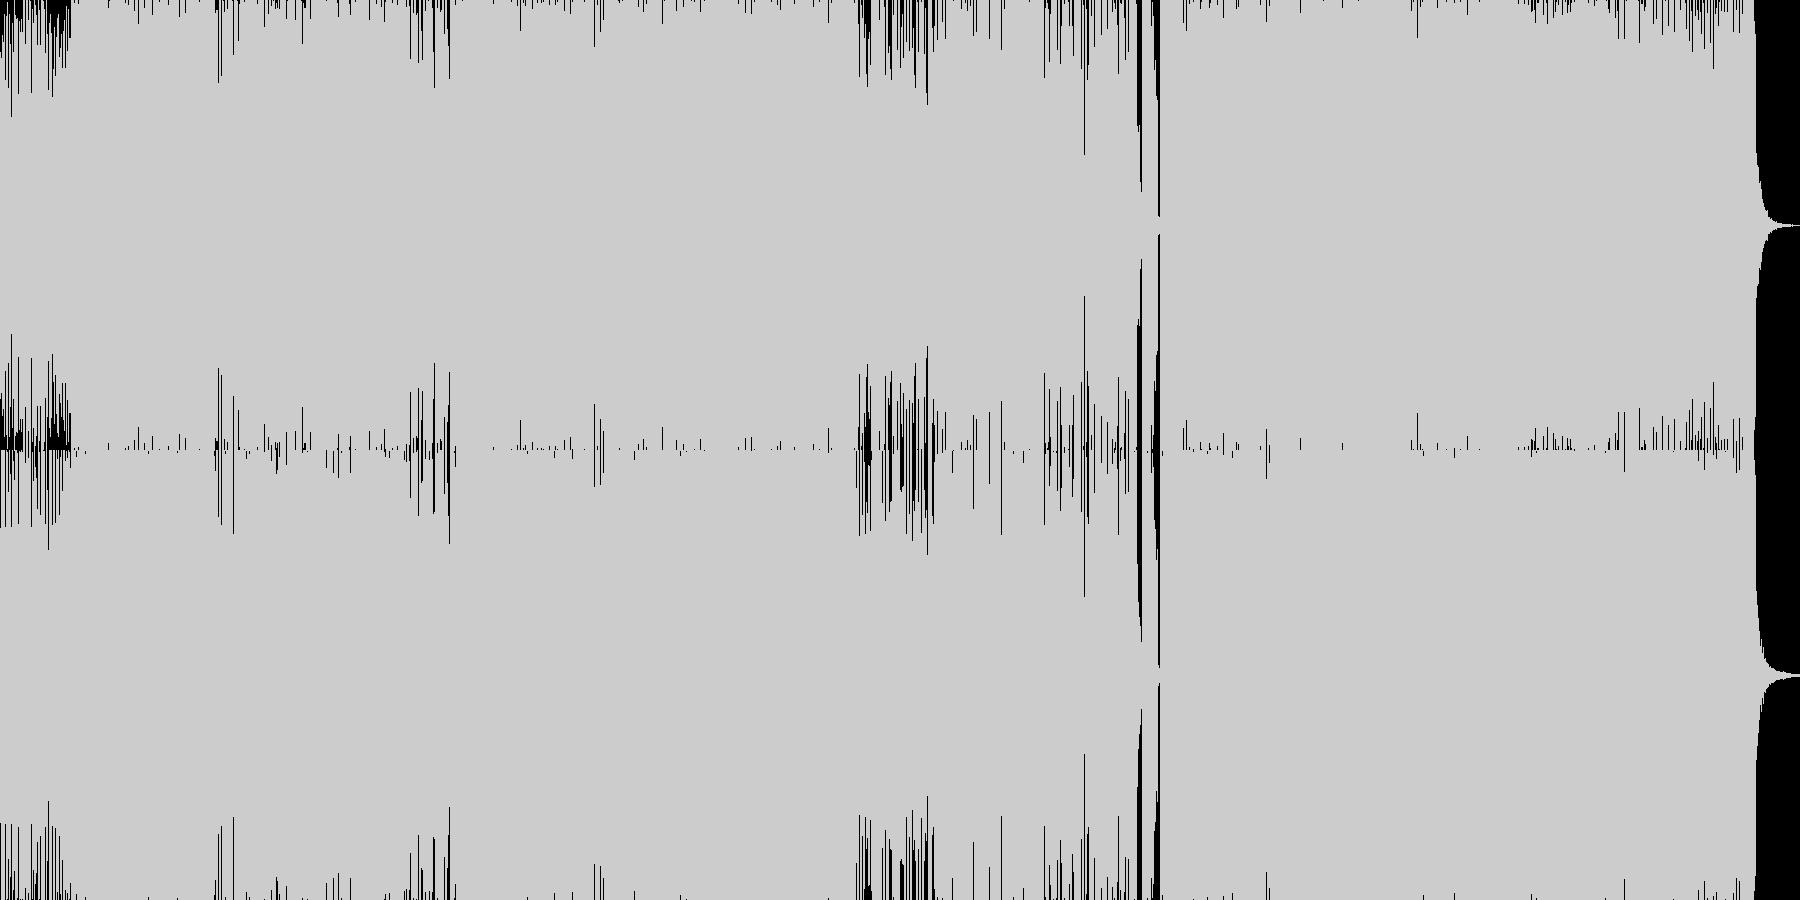 音ゲーなどのアップテンポ&ノリノリな雰…の未再生の波形